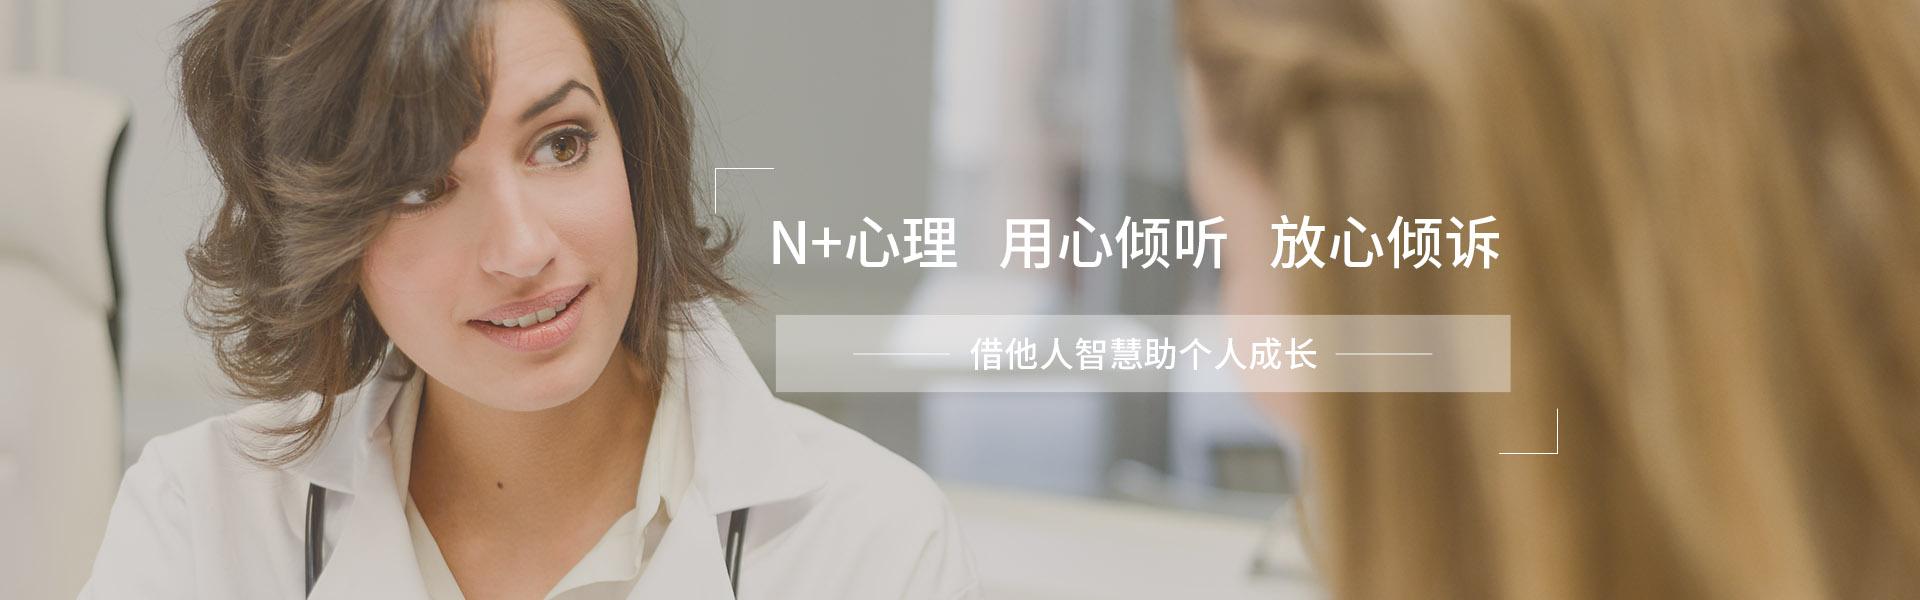 嗯加心理咨询:长沙心理咨询公司与长沙心理咨询机构